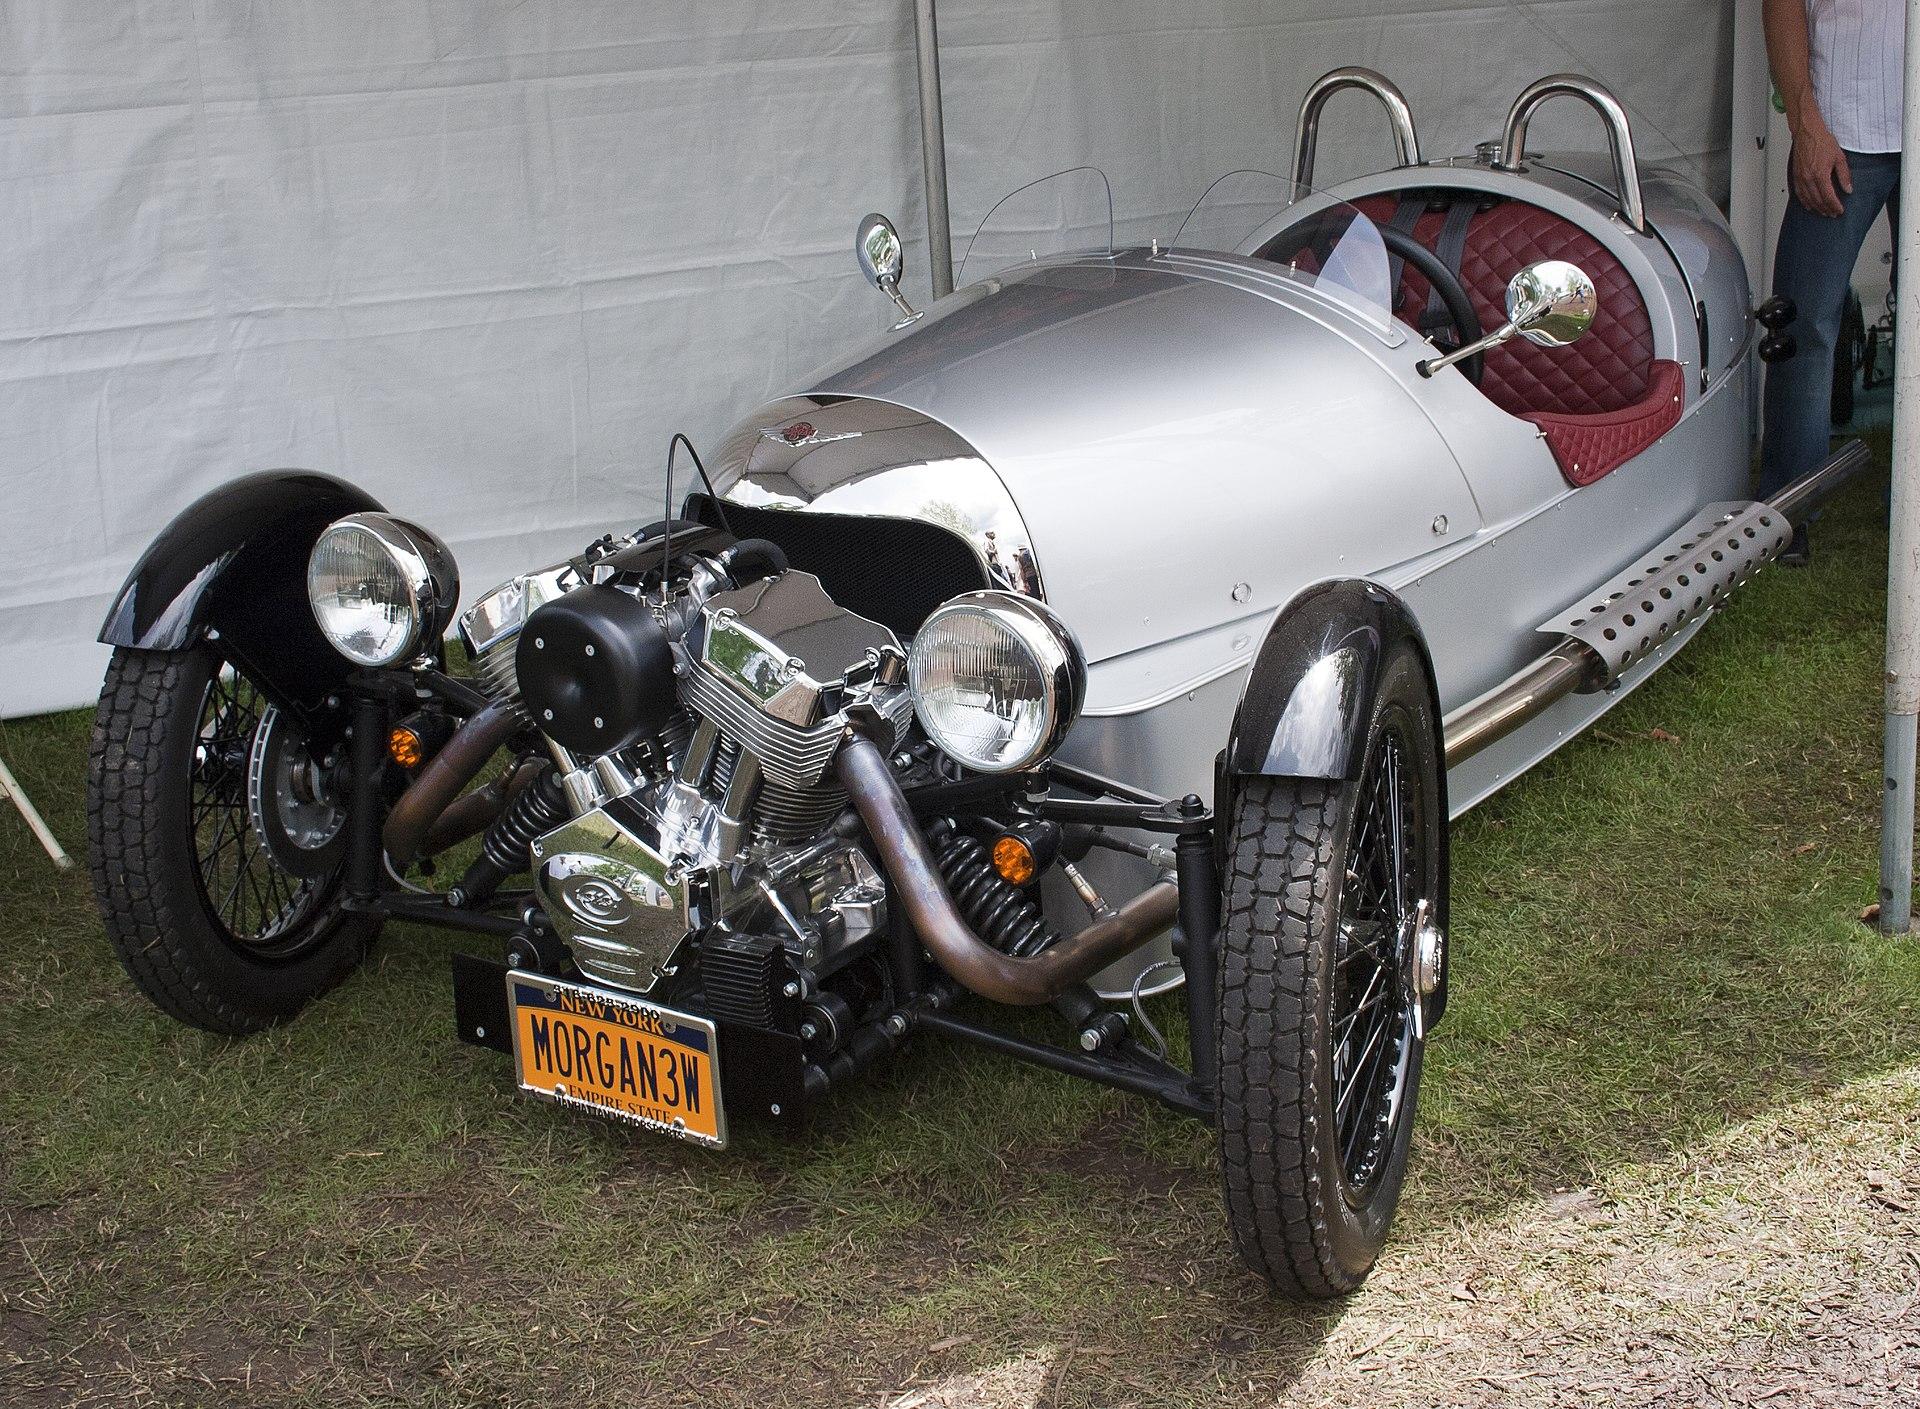 Morgan Three Wheeler Car Cover